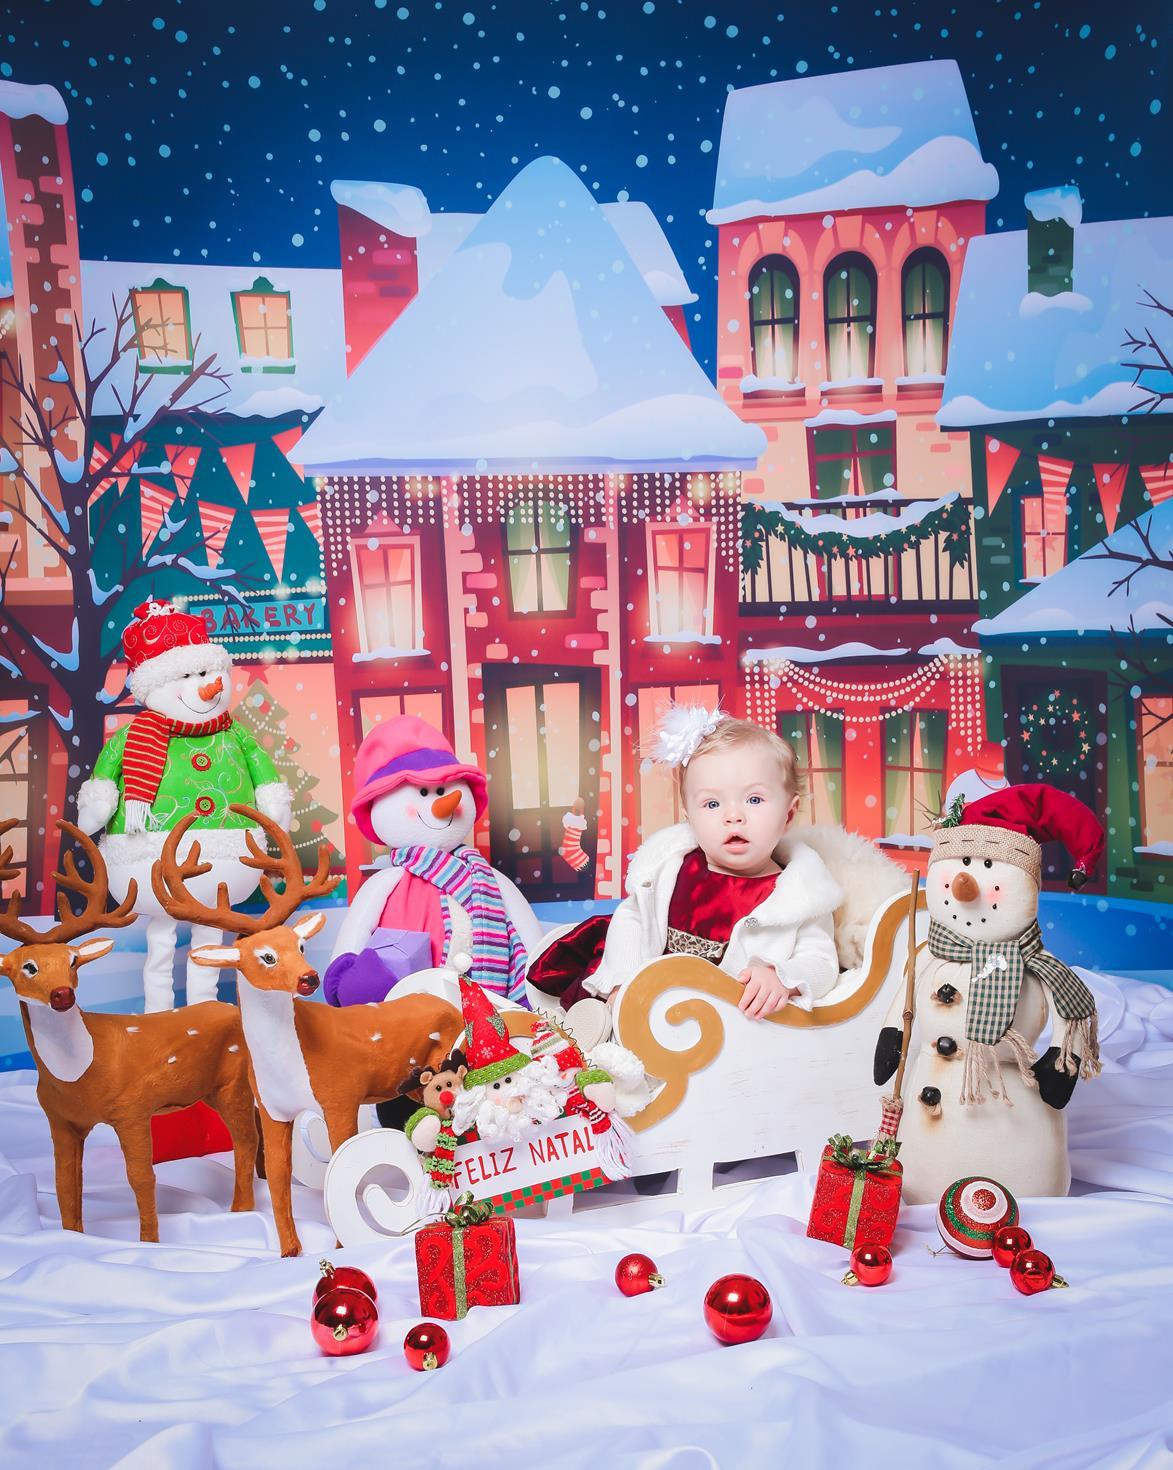 Fotos lindas de Natal